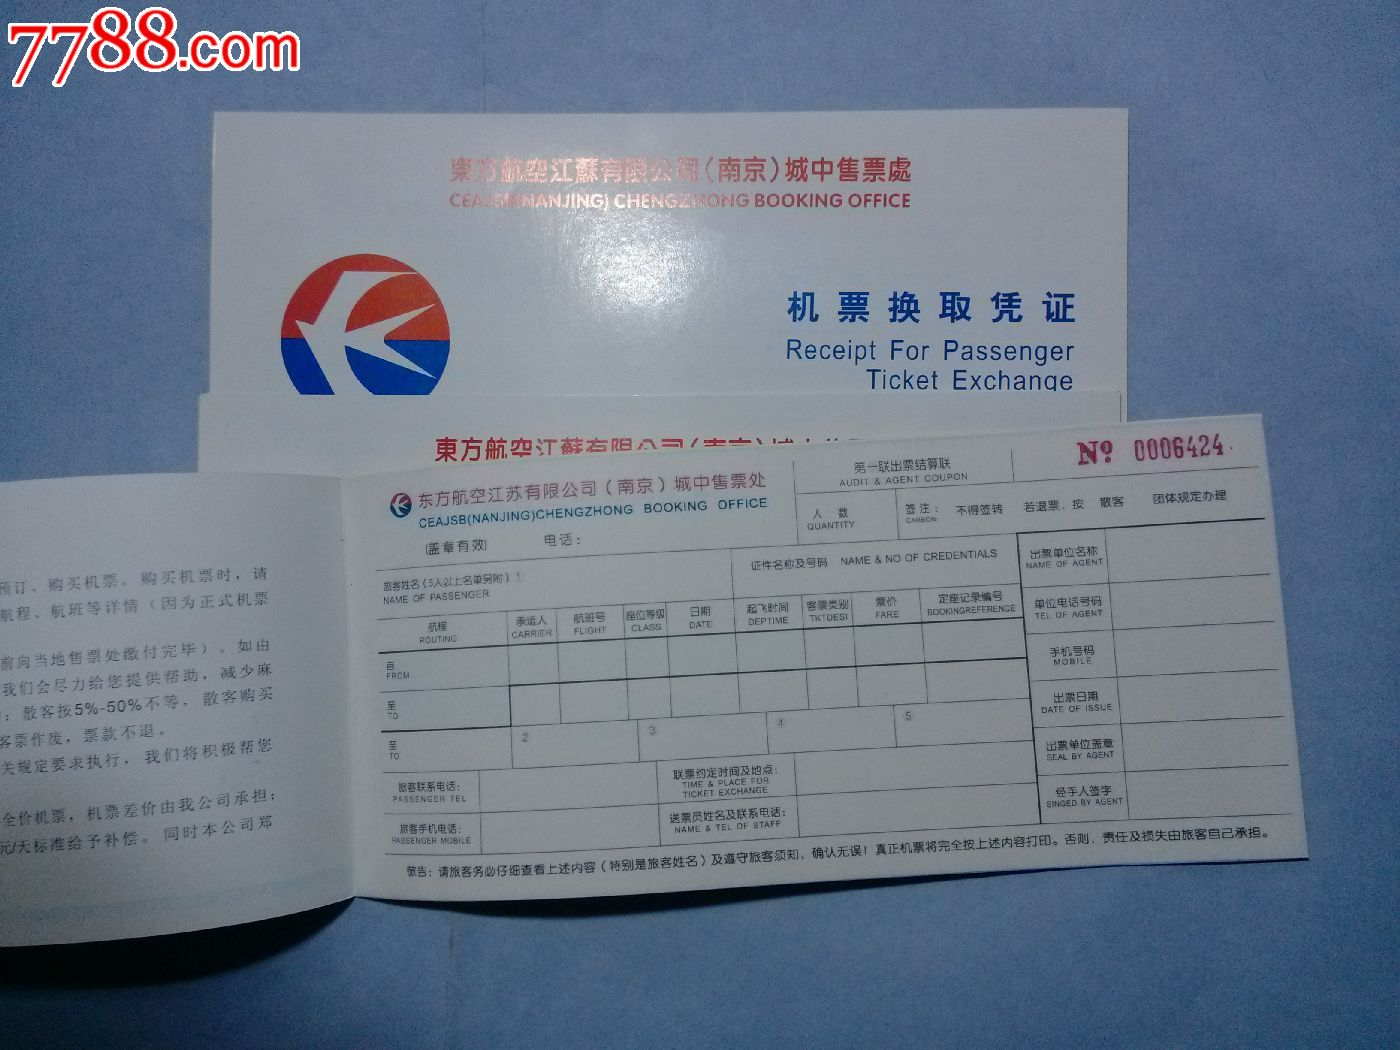 东方航空--机票换取凭证三张_飞机/航空票_宝子的小店